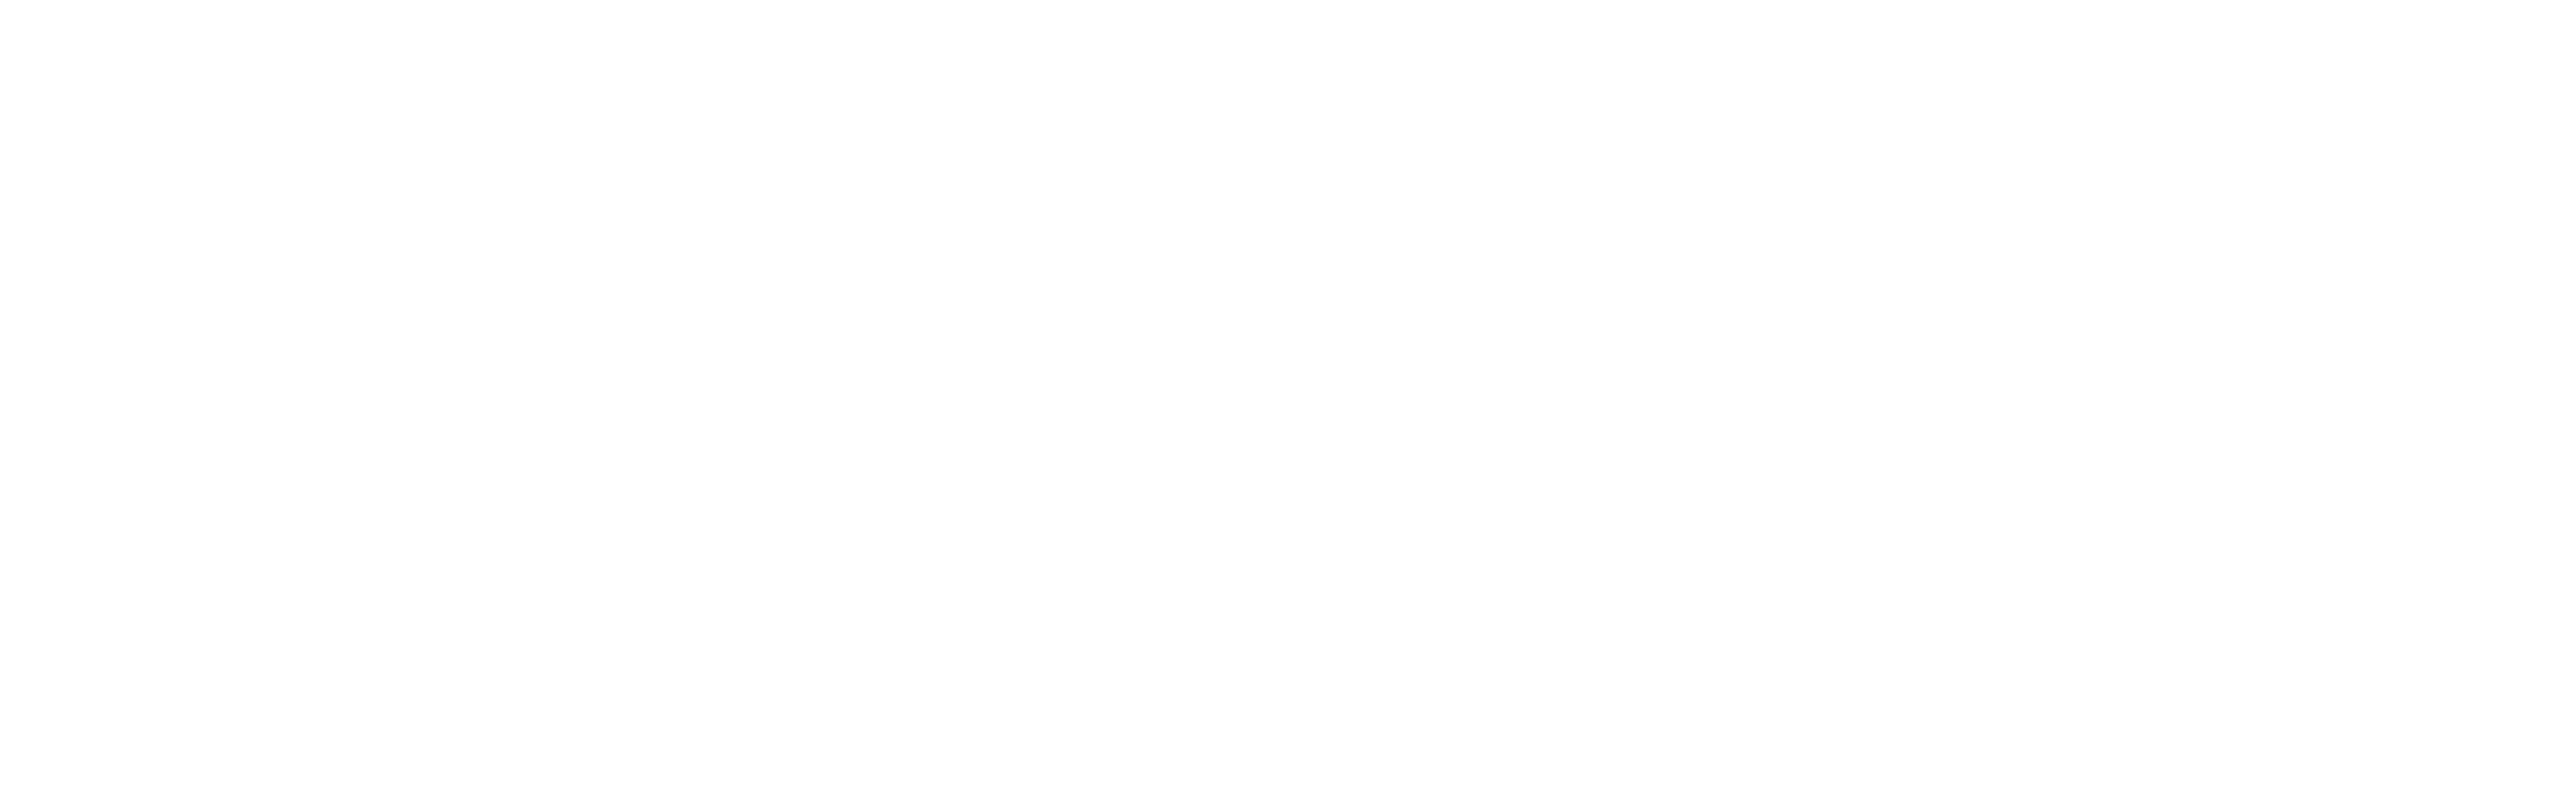 01 Primary Logo - white